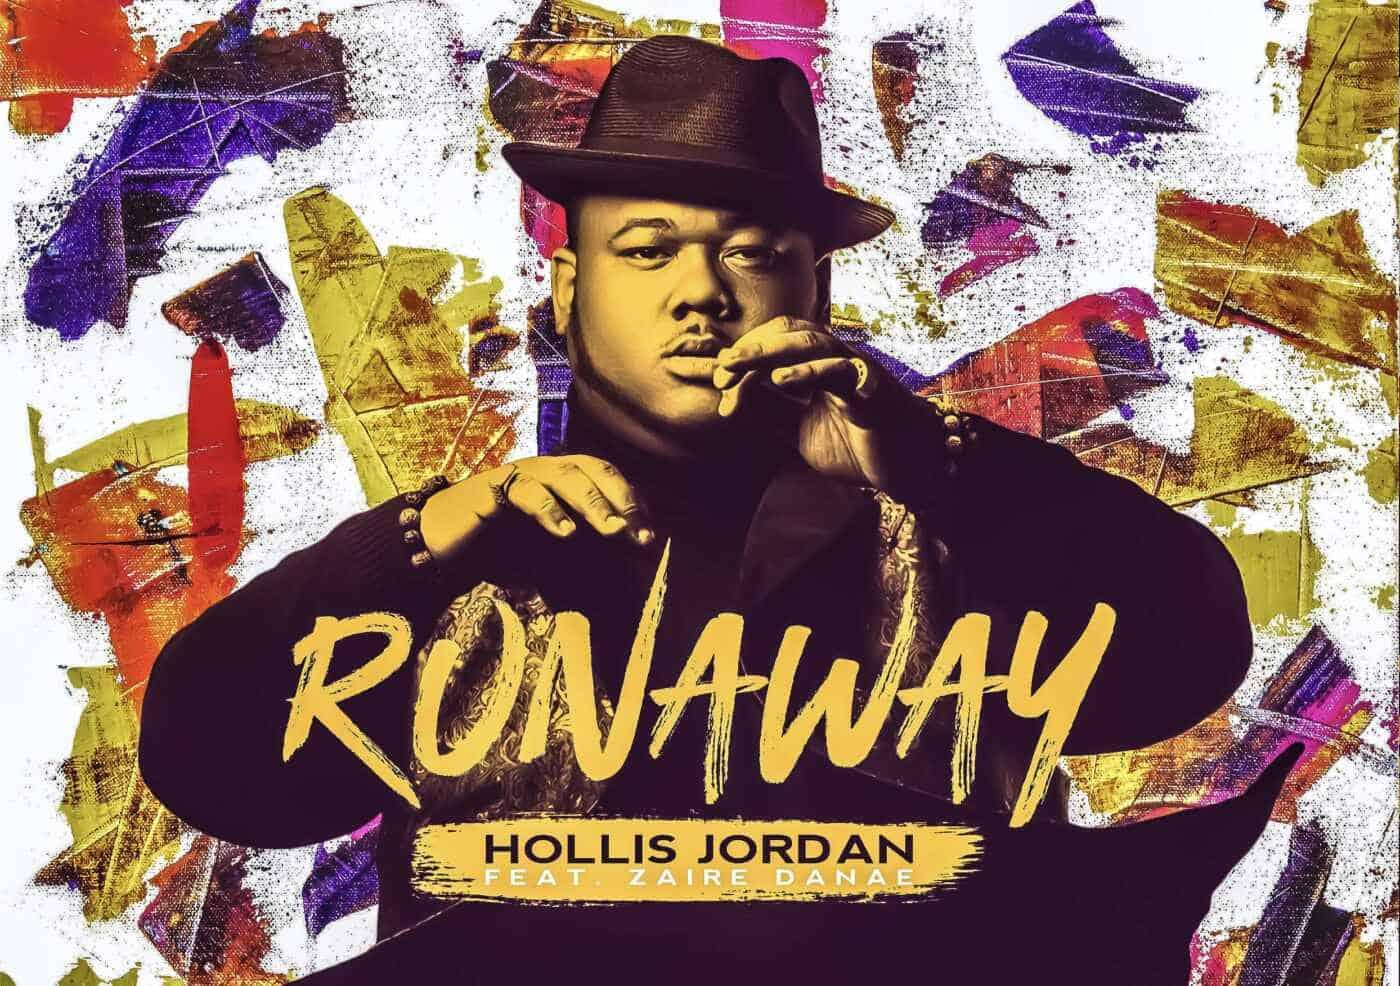 Hollis Jordan